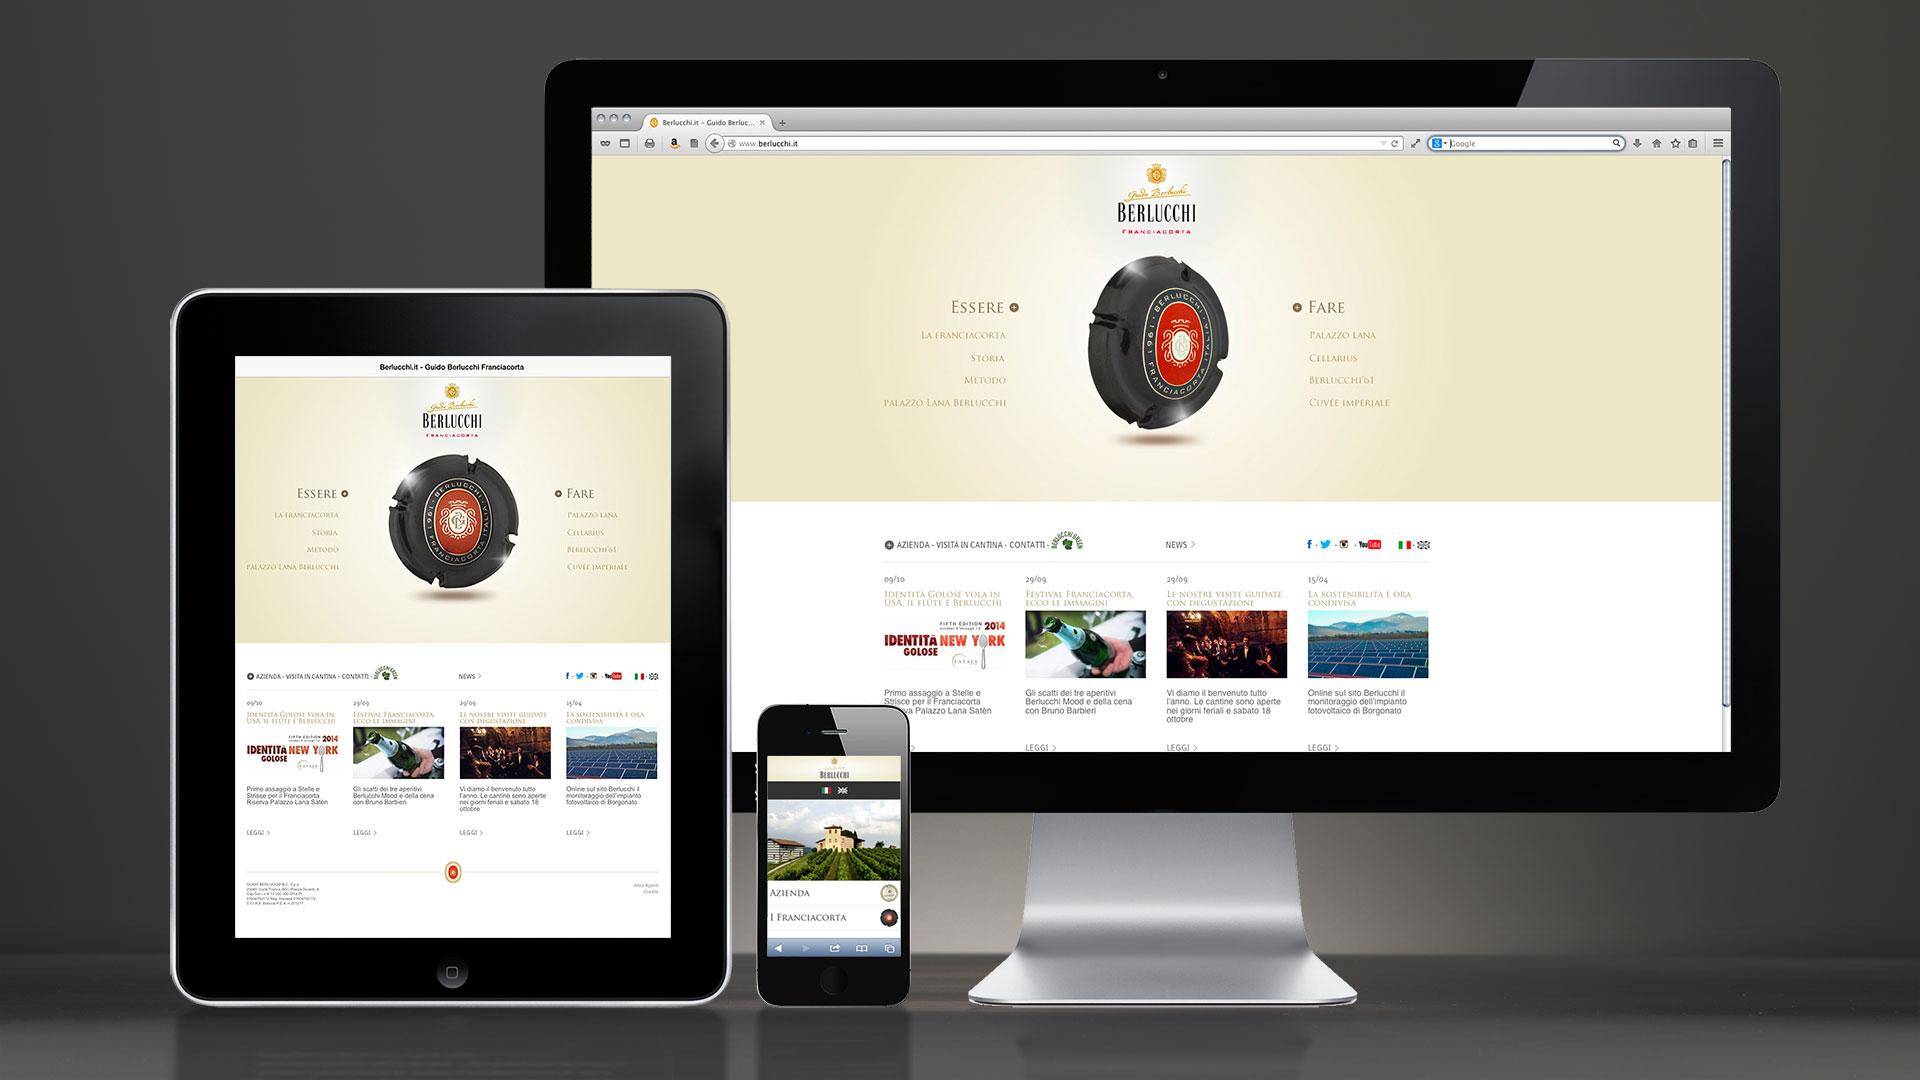 Berlucchi sito web global design